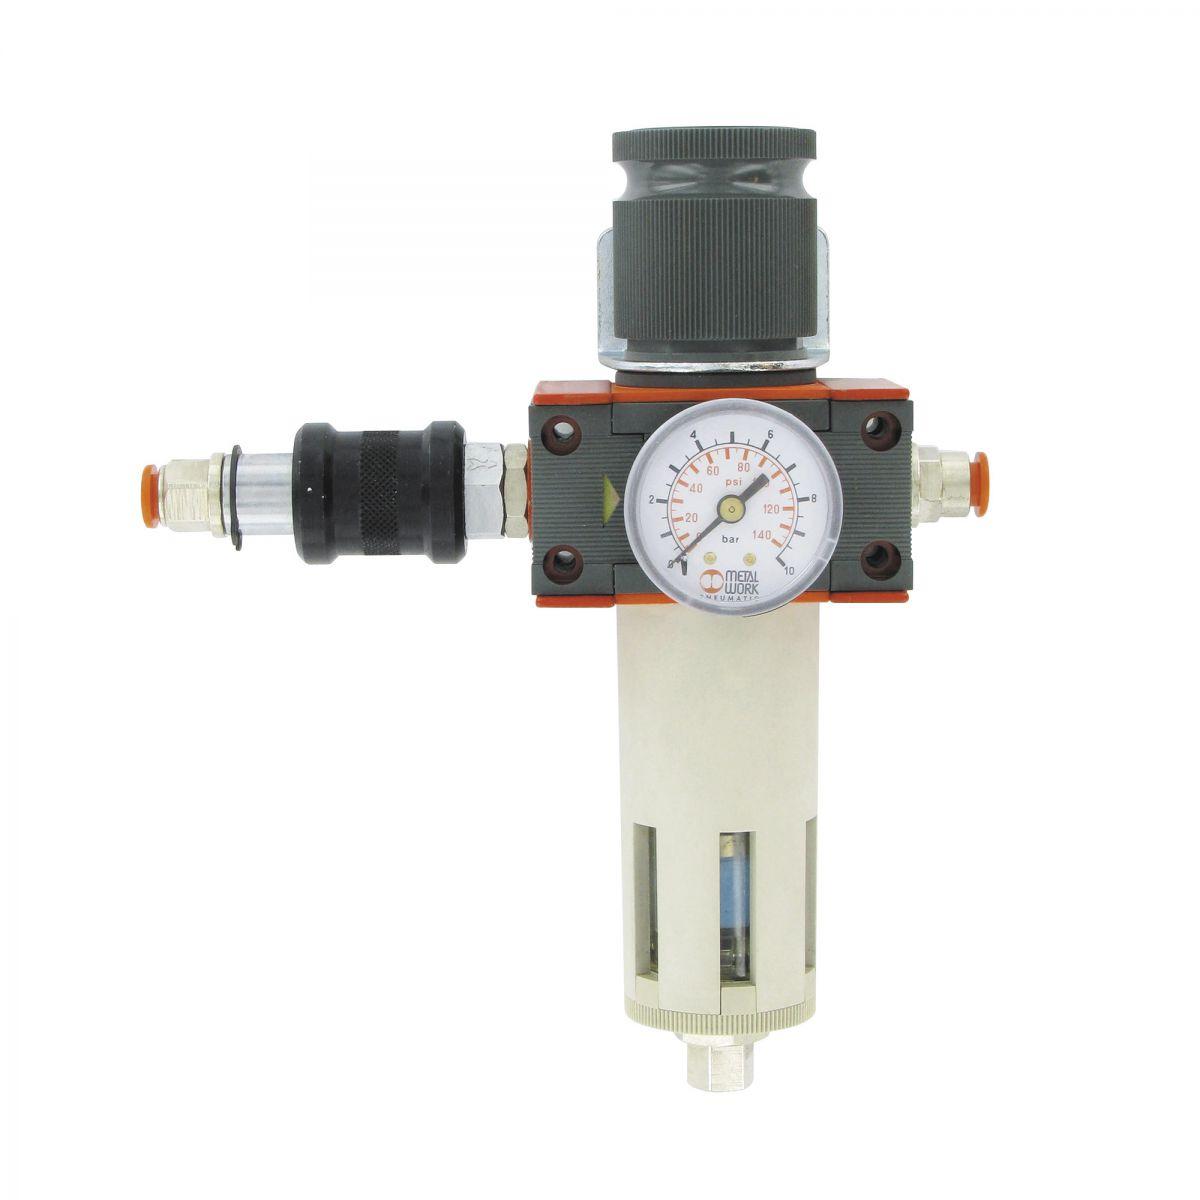 drukregelaar met filter vochtvanger en automatische wateraflaat